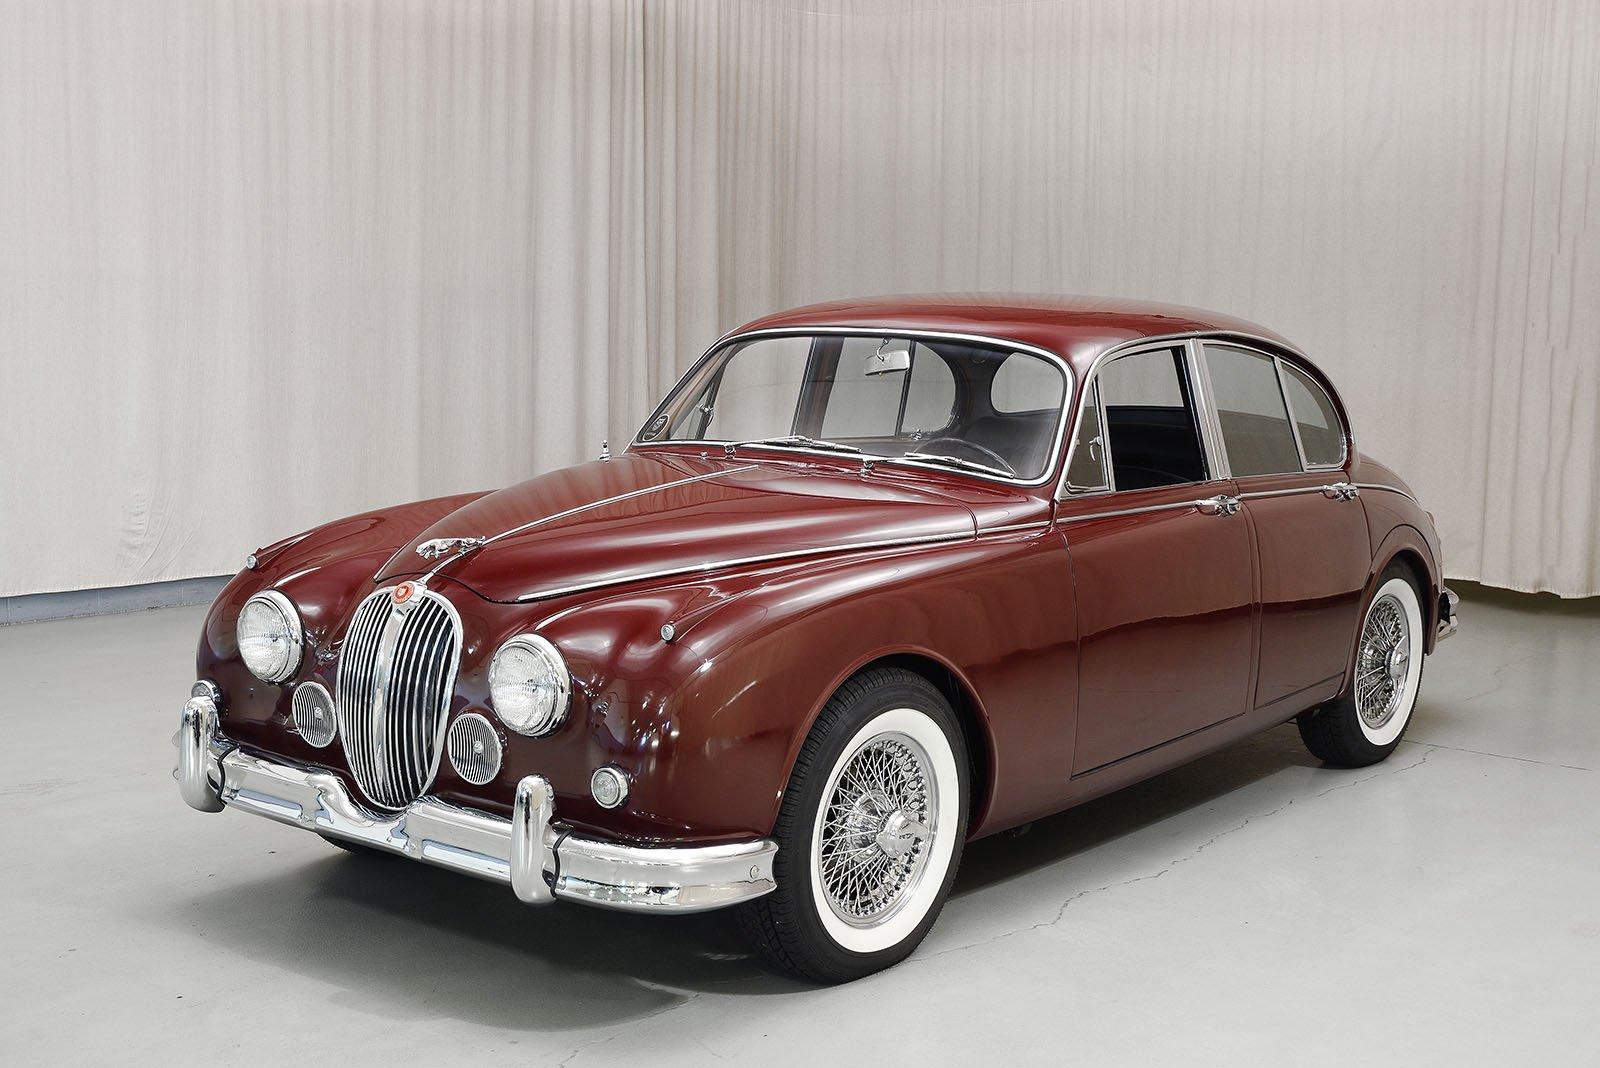 1967 Jaguar MK 2 Saloon | Hyman Ltd. Classic Cars